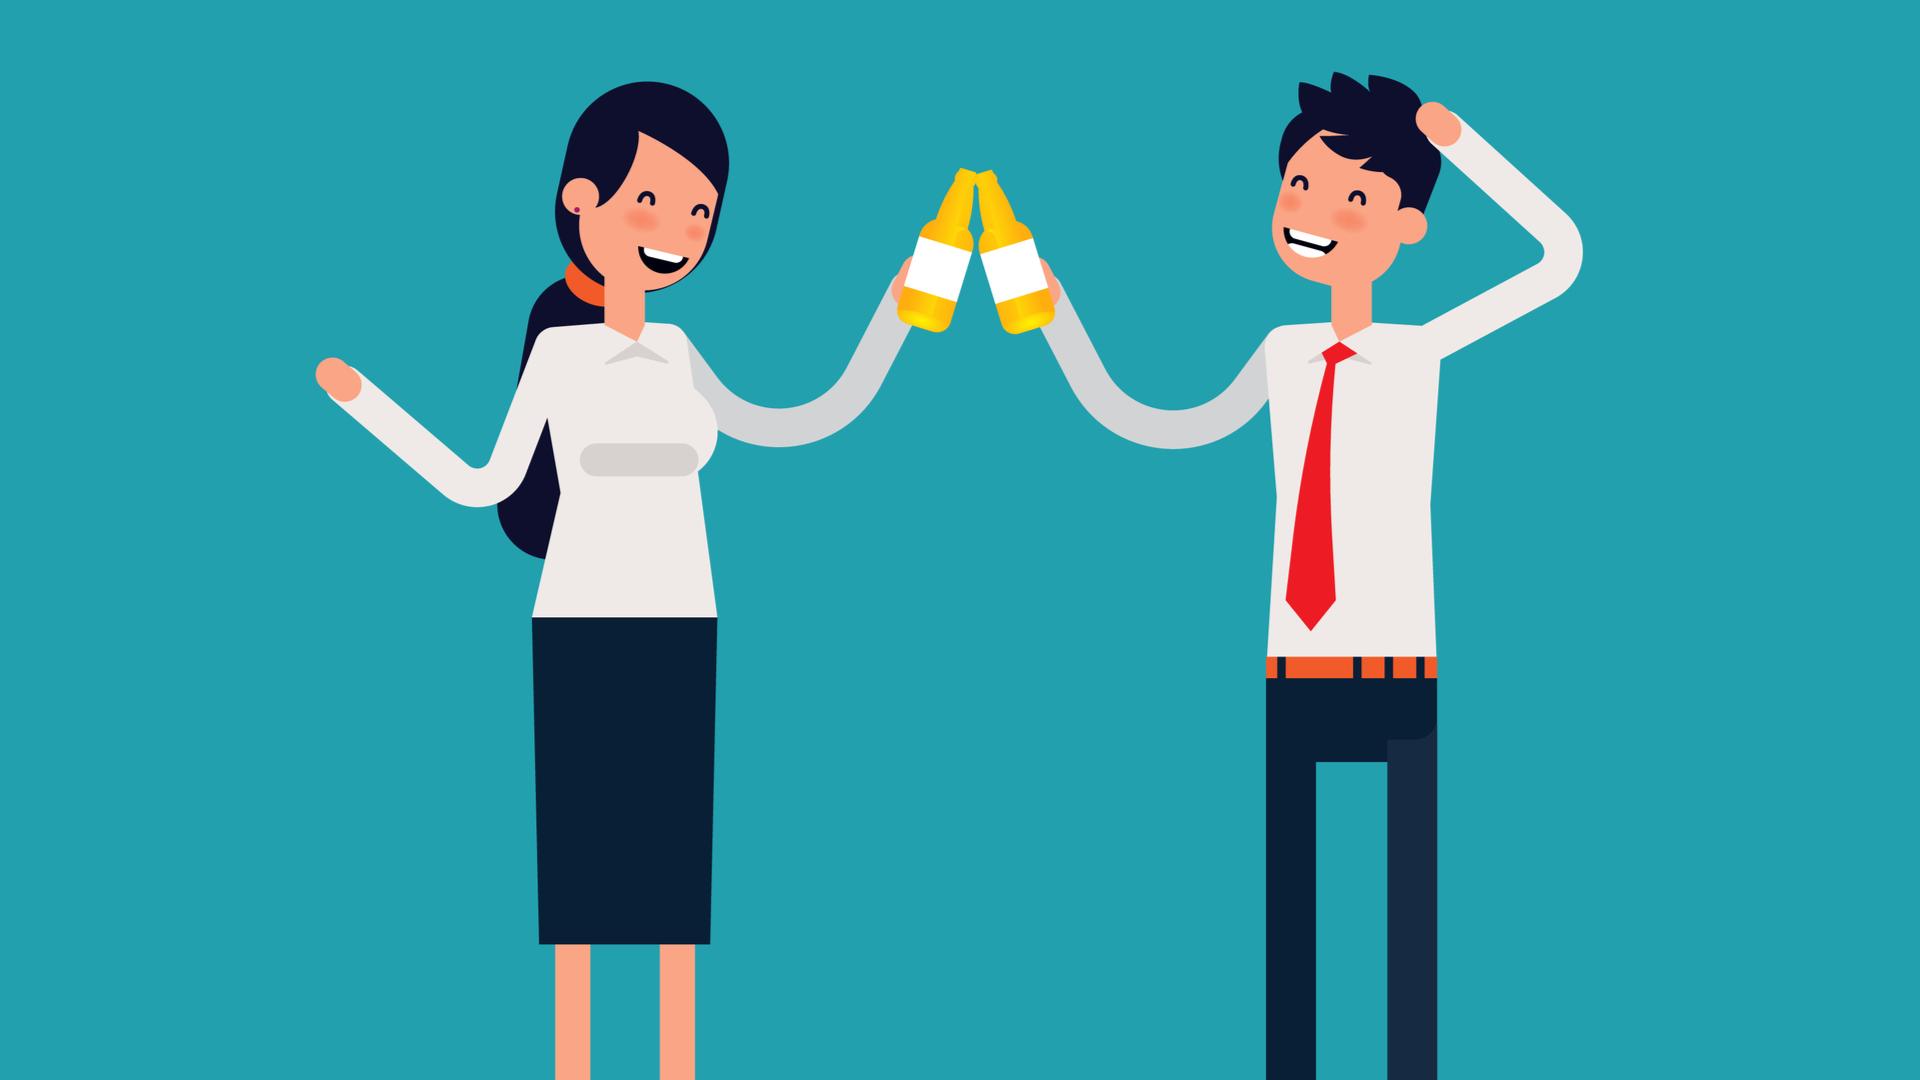 【最強の時短術】歓迎会の日程を1発で決める!忙しい幹事のための日程調整管理ツール4選